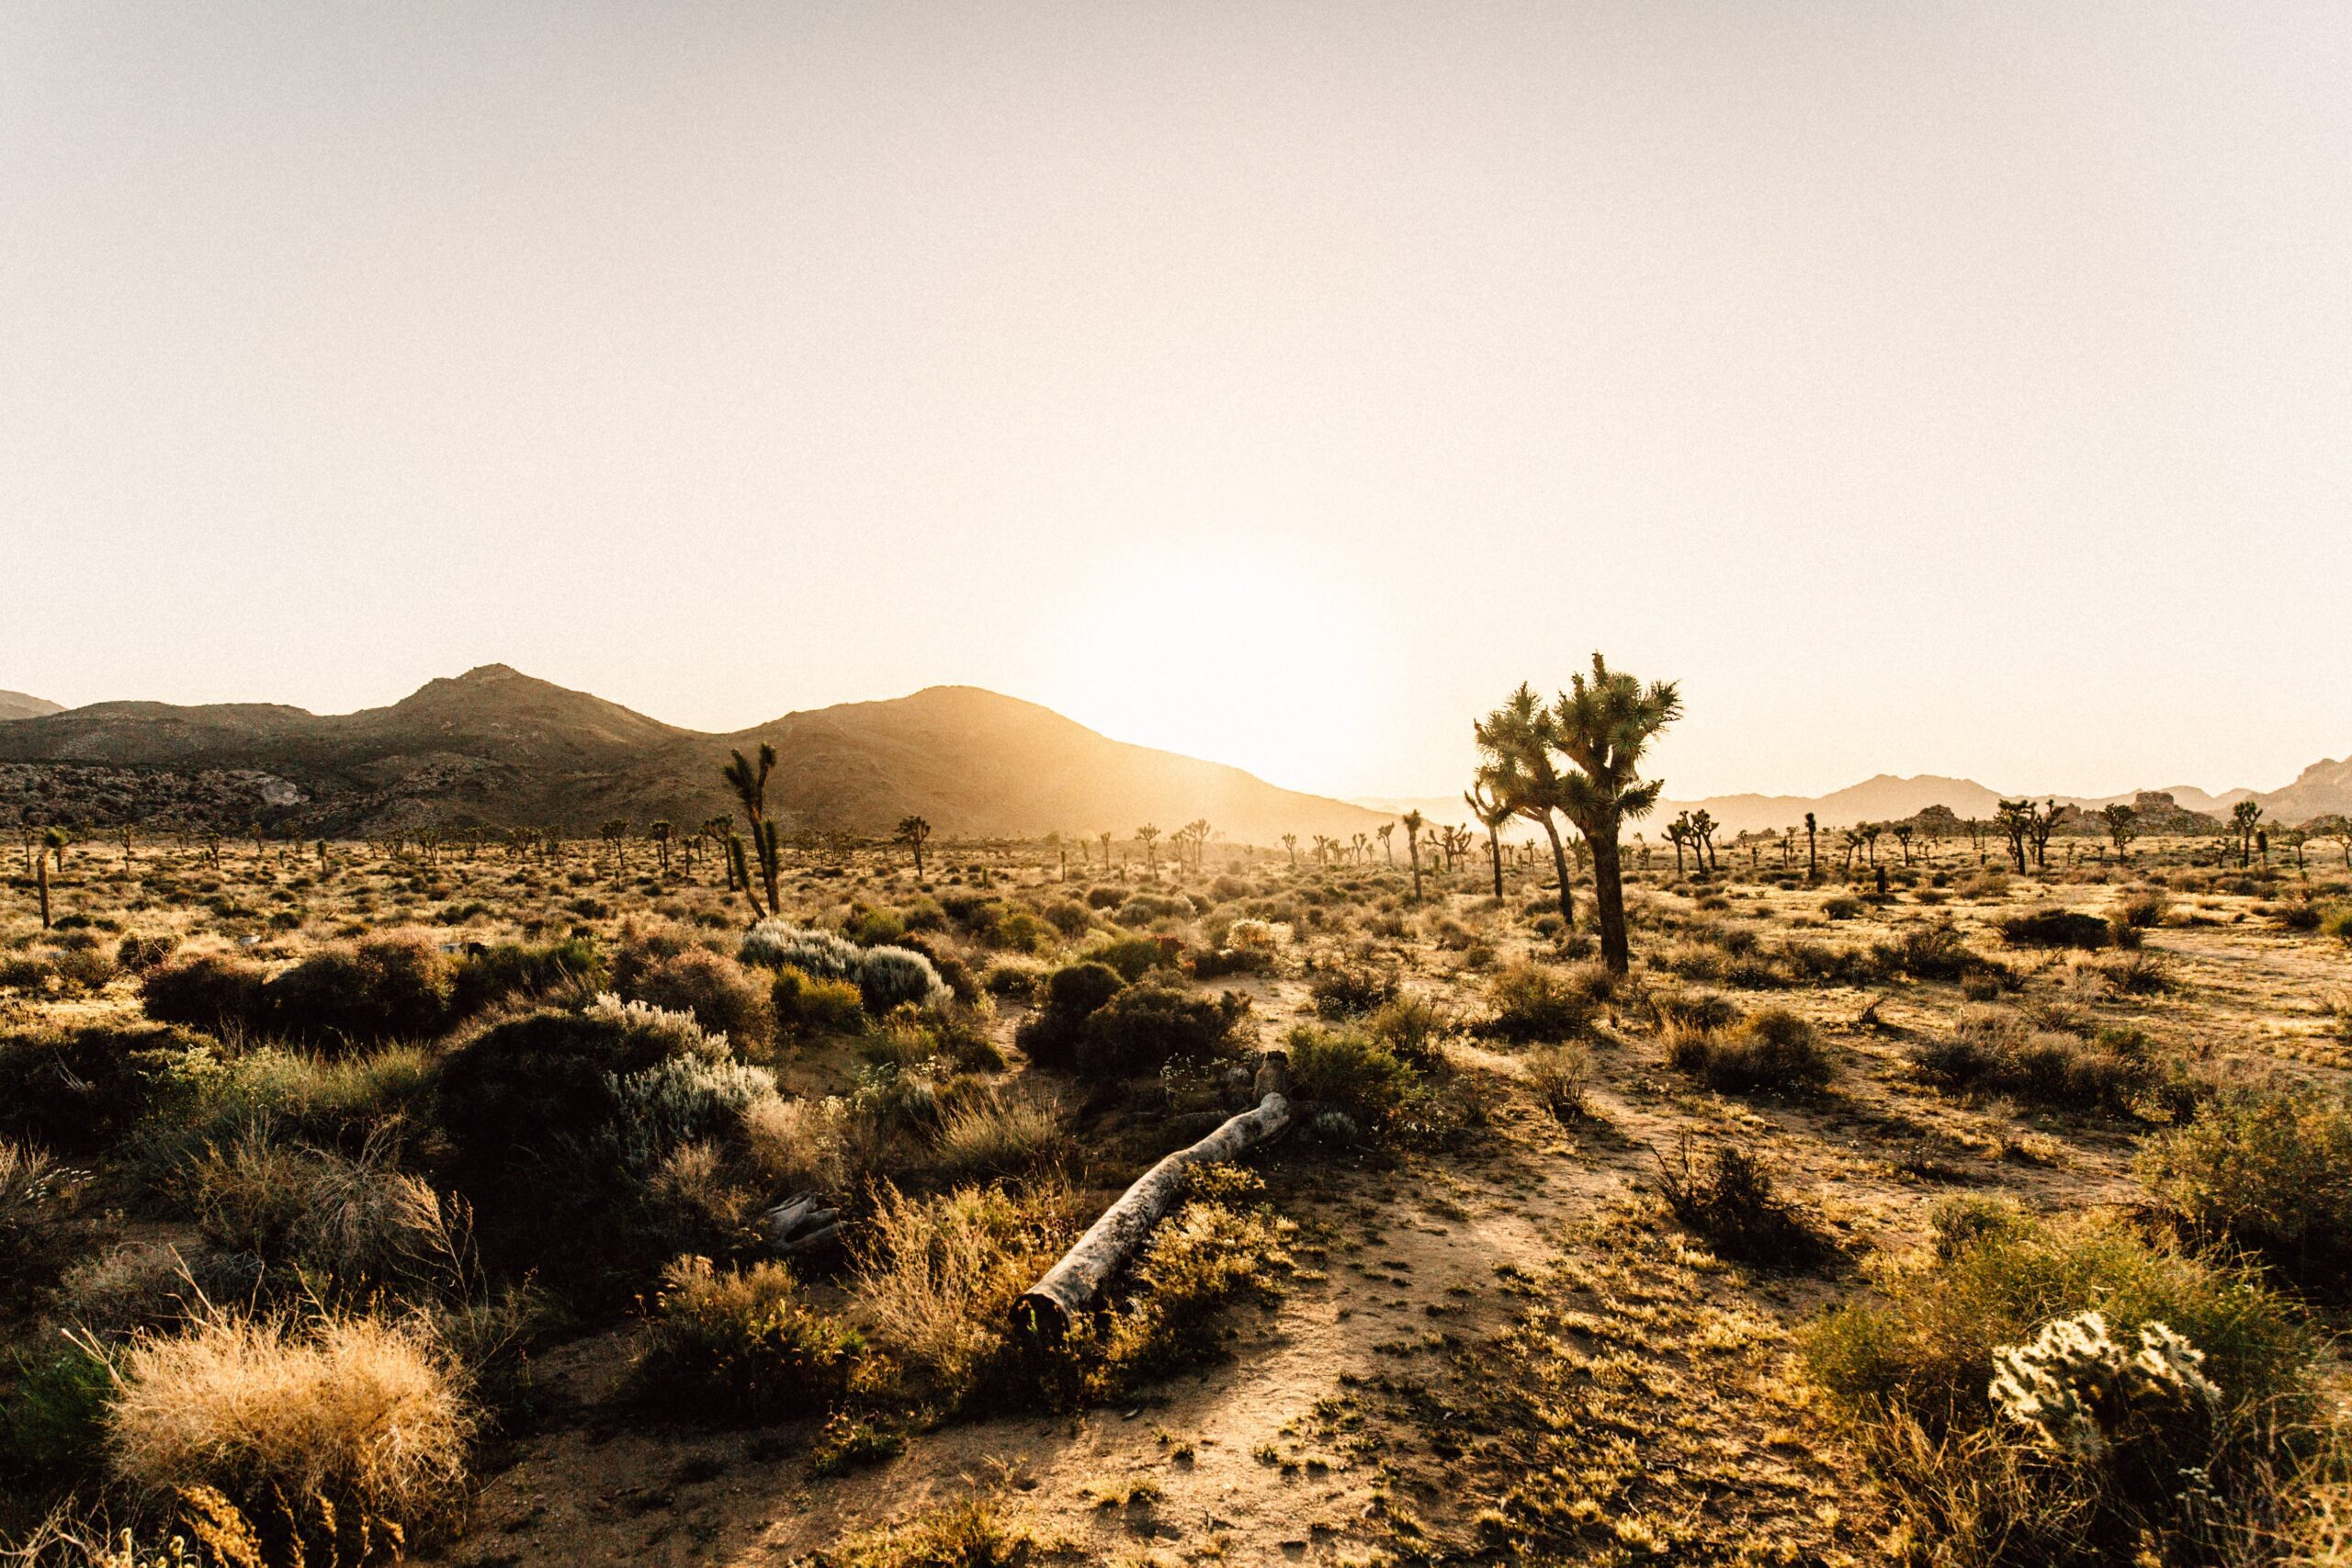 Mojave Desert scene by Andreas selter